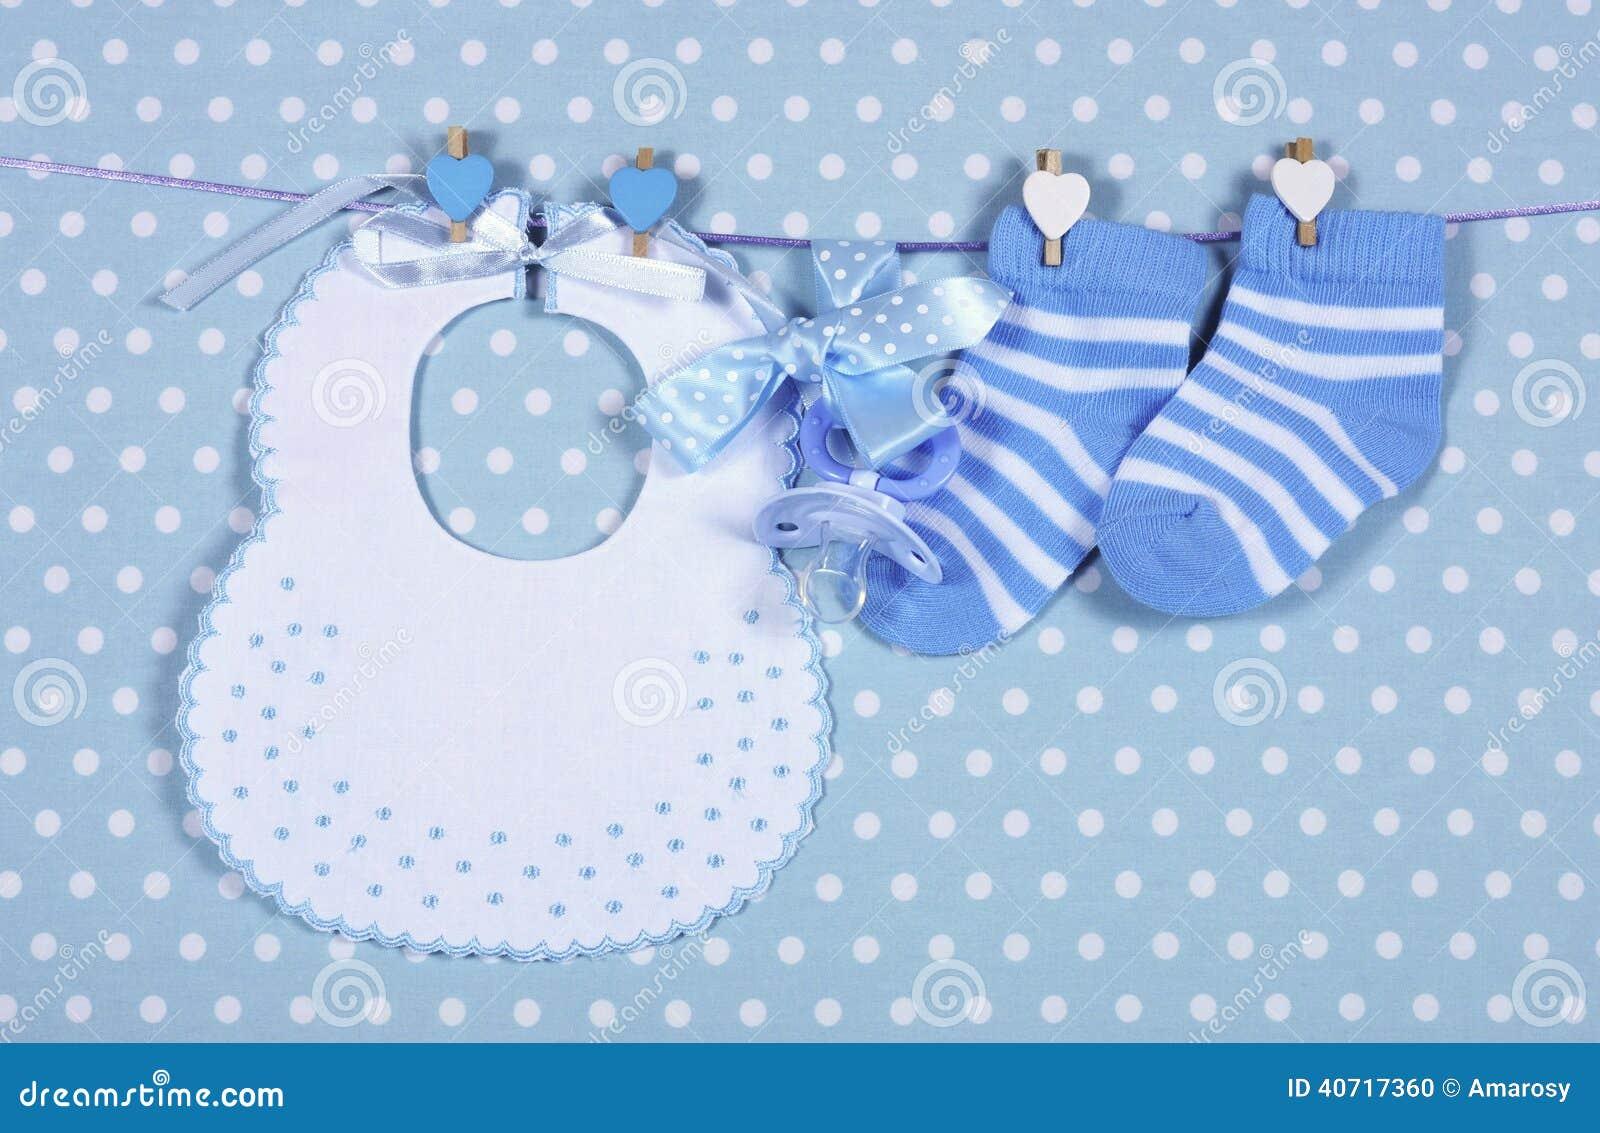 Chłopiec pepiniery błękitny śliniaczek i skarpety